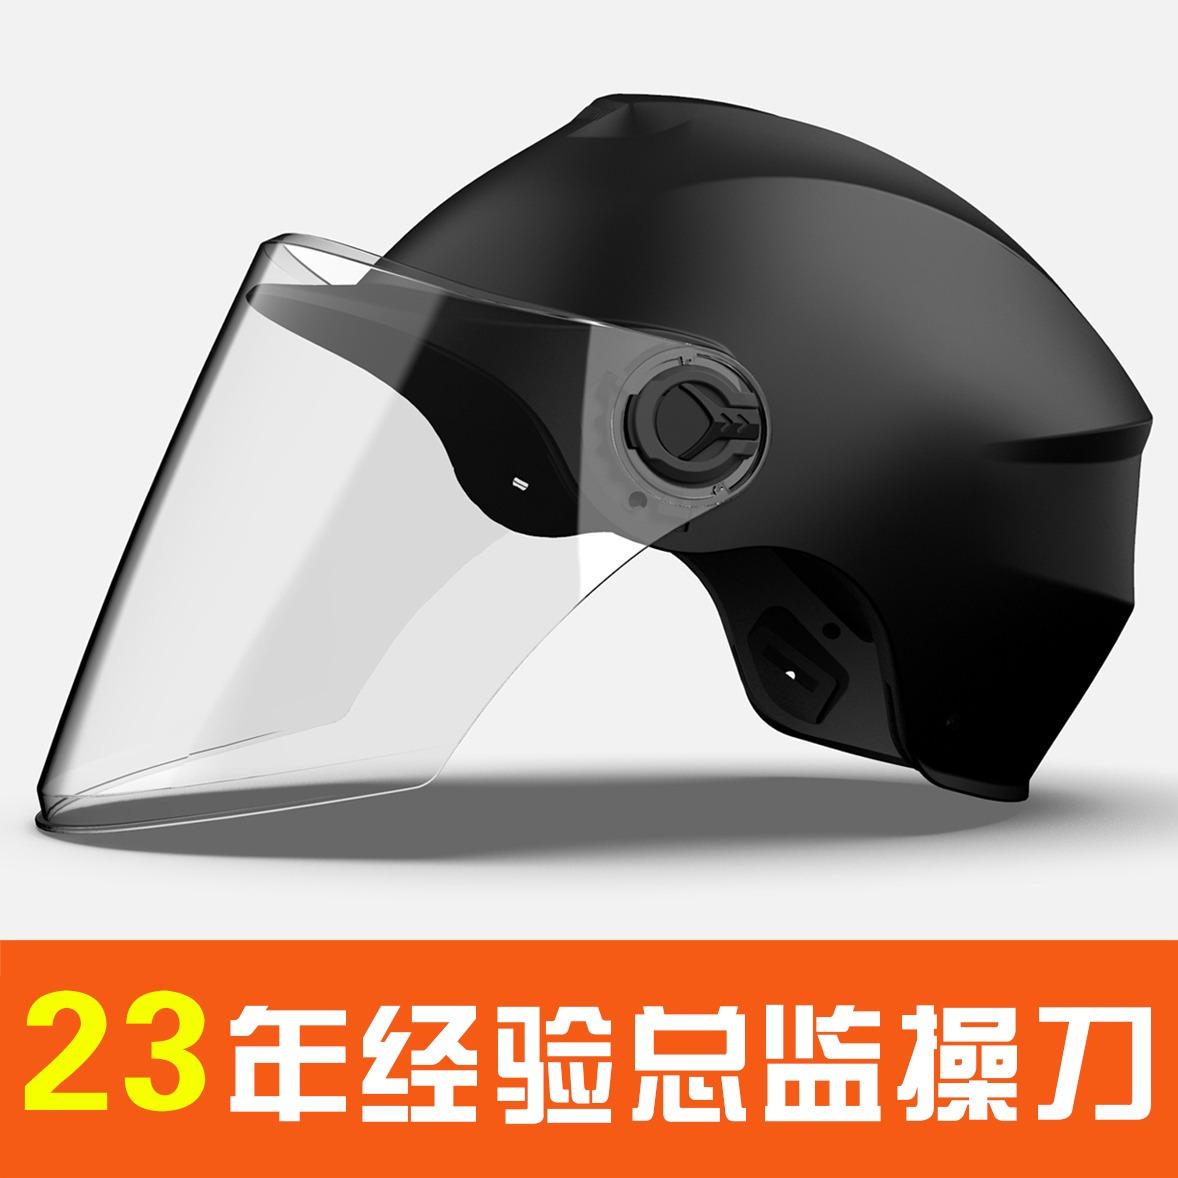 工业产品外观结构设计/家居类产品/安全头盔